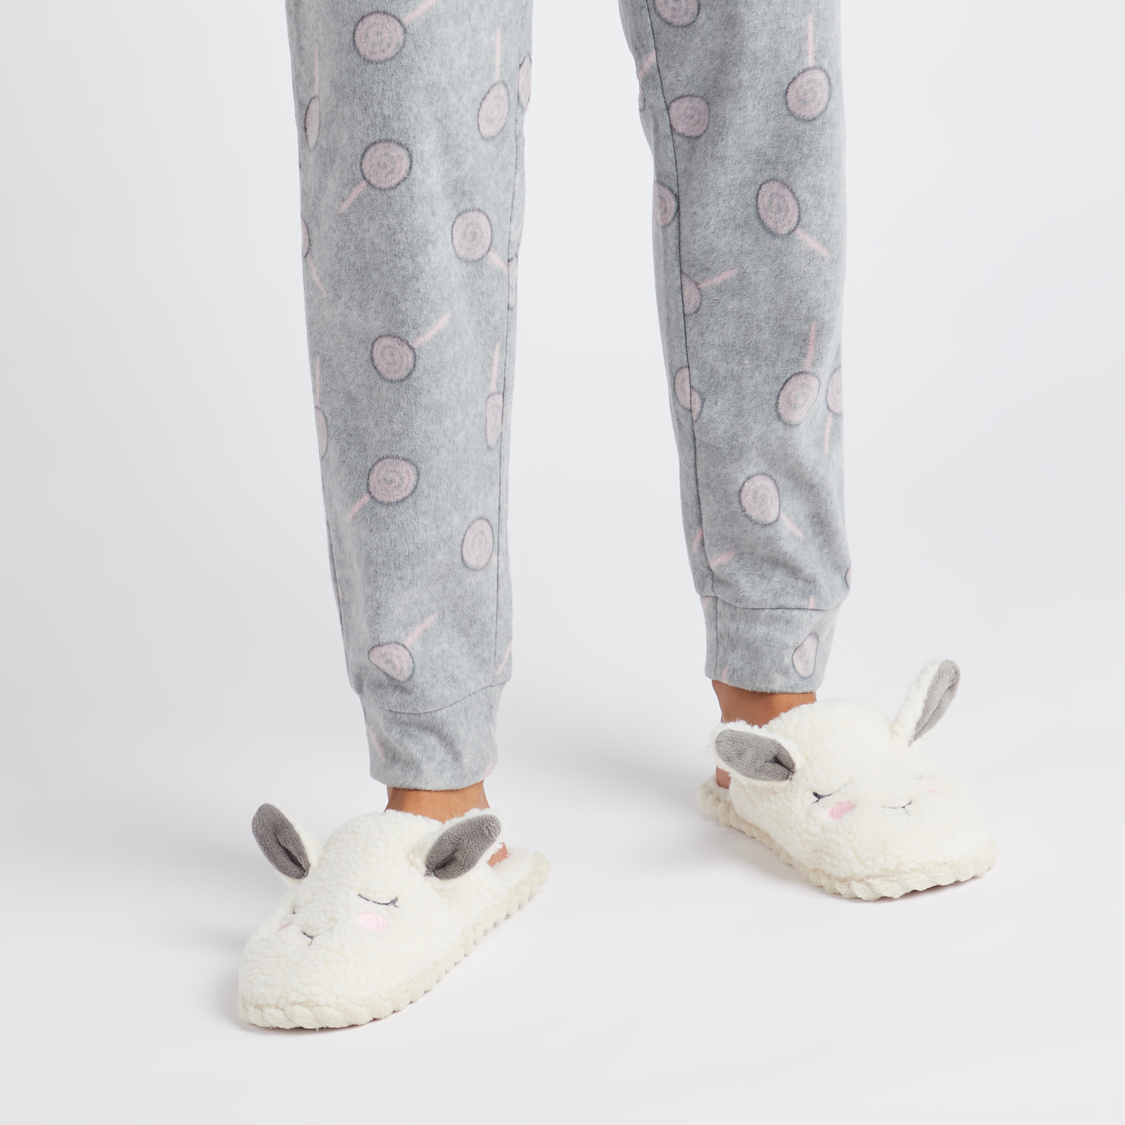 حذاء خفيف غرفة نوم بارز الملمس بتفاصيل مزخرفة